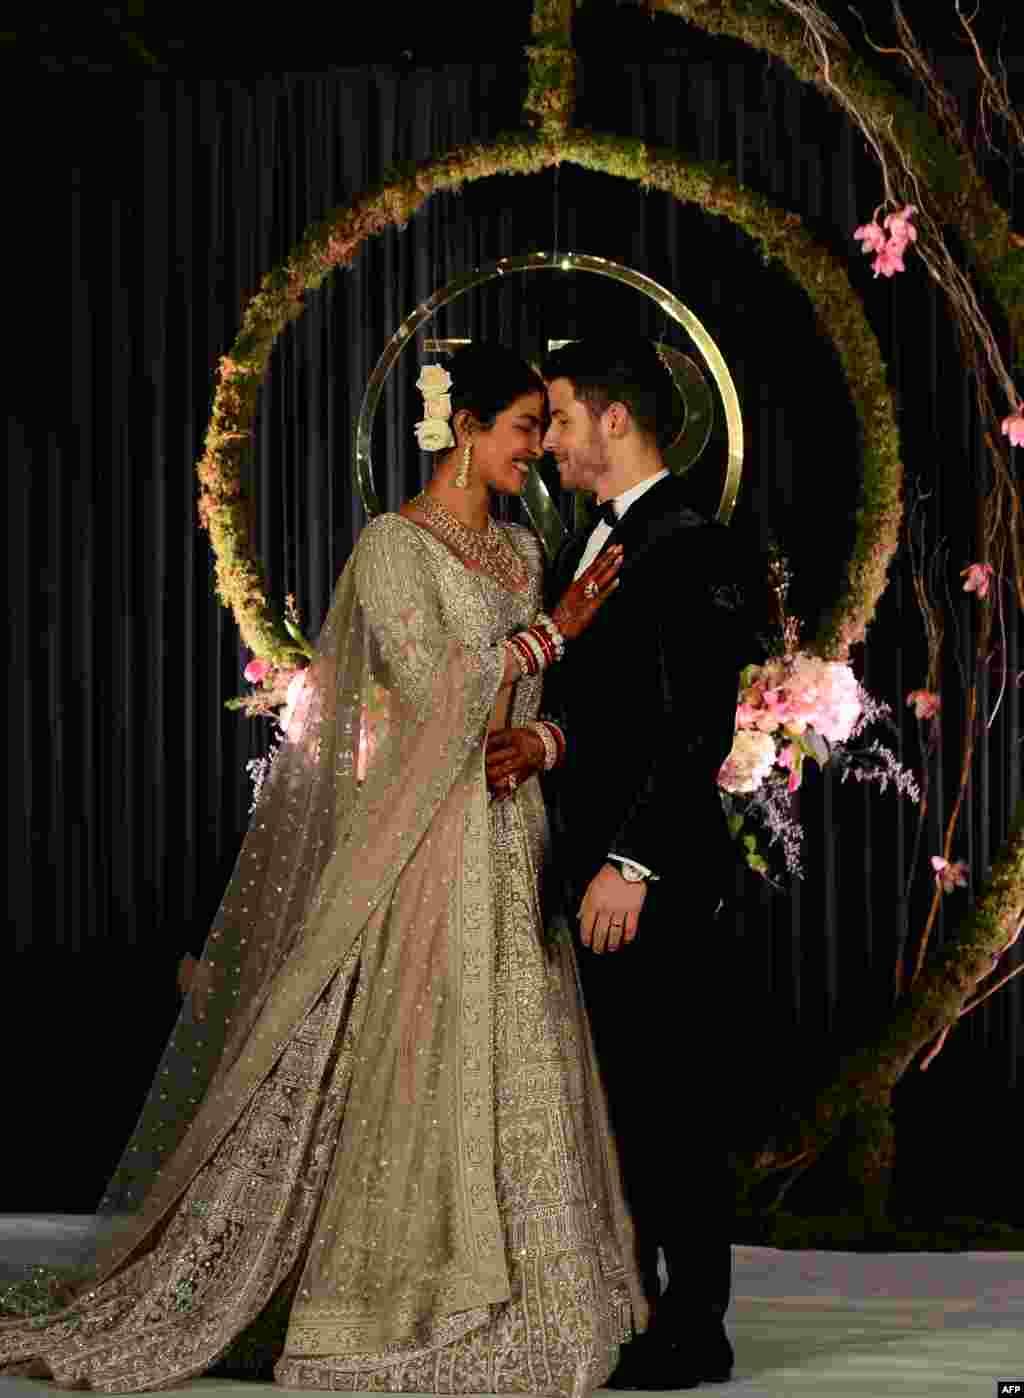 Bollivud aktrisasi Priyanka Chopra amerikalik qo'shiqchi va bastakor Nik Jonasga turmushga chiqdi. Nyu-Deli, Hindiston.